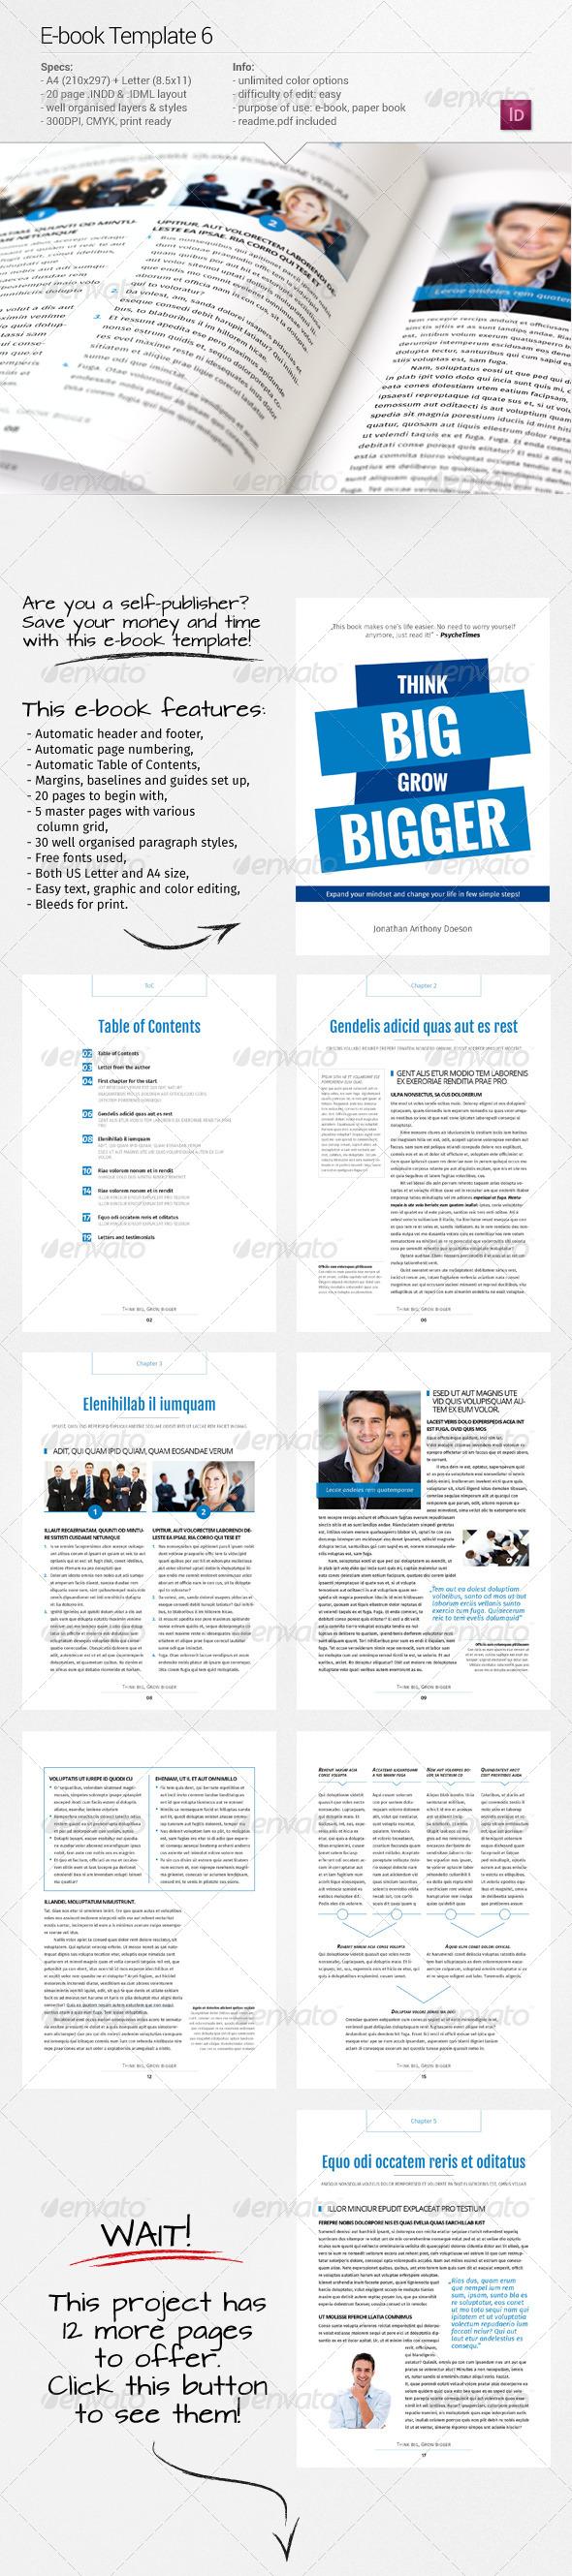 GraphicRiver E-book Template 6 7591868